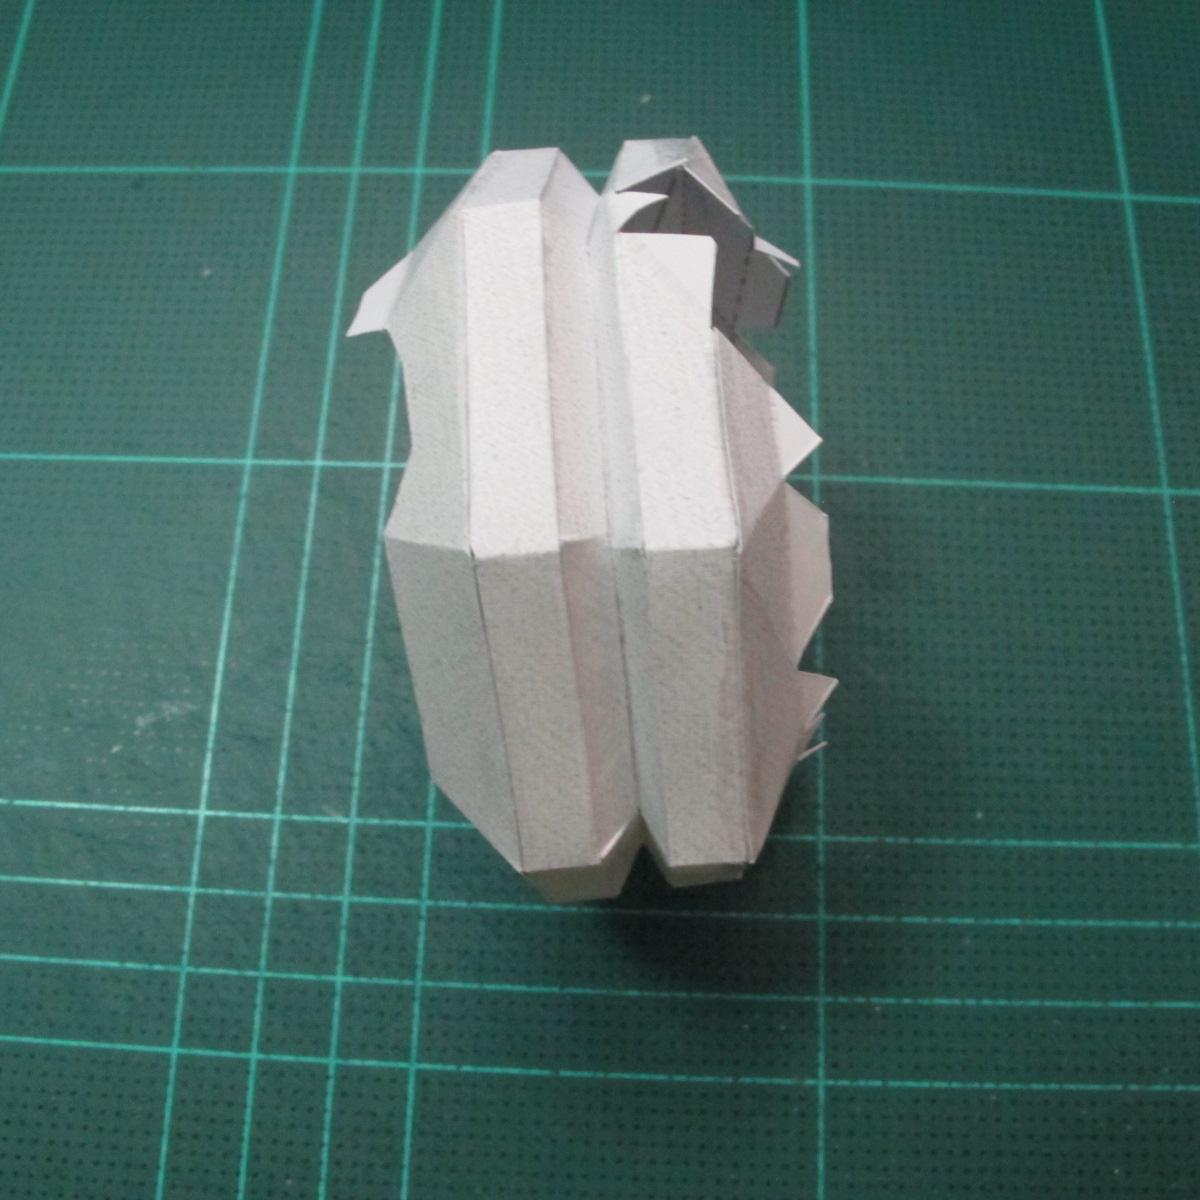 วิธีทำโมเดลกระดาษของเล่นคุกกี้รัน คุกกี้รสพ่อมด (Cookie Run Wizard Cookie Papercraft Model) 012